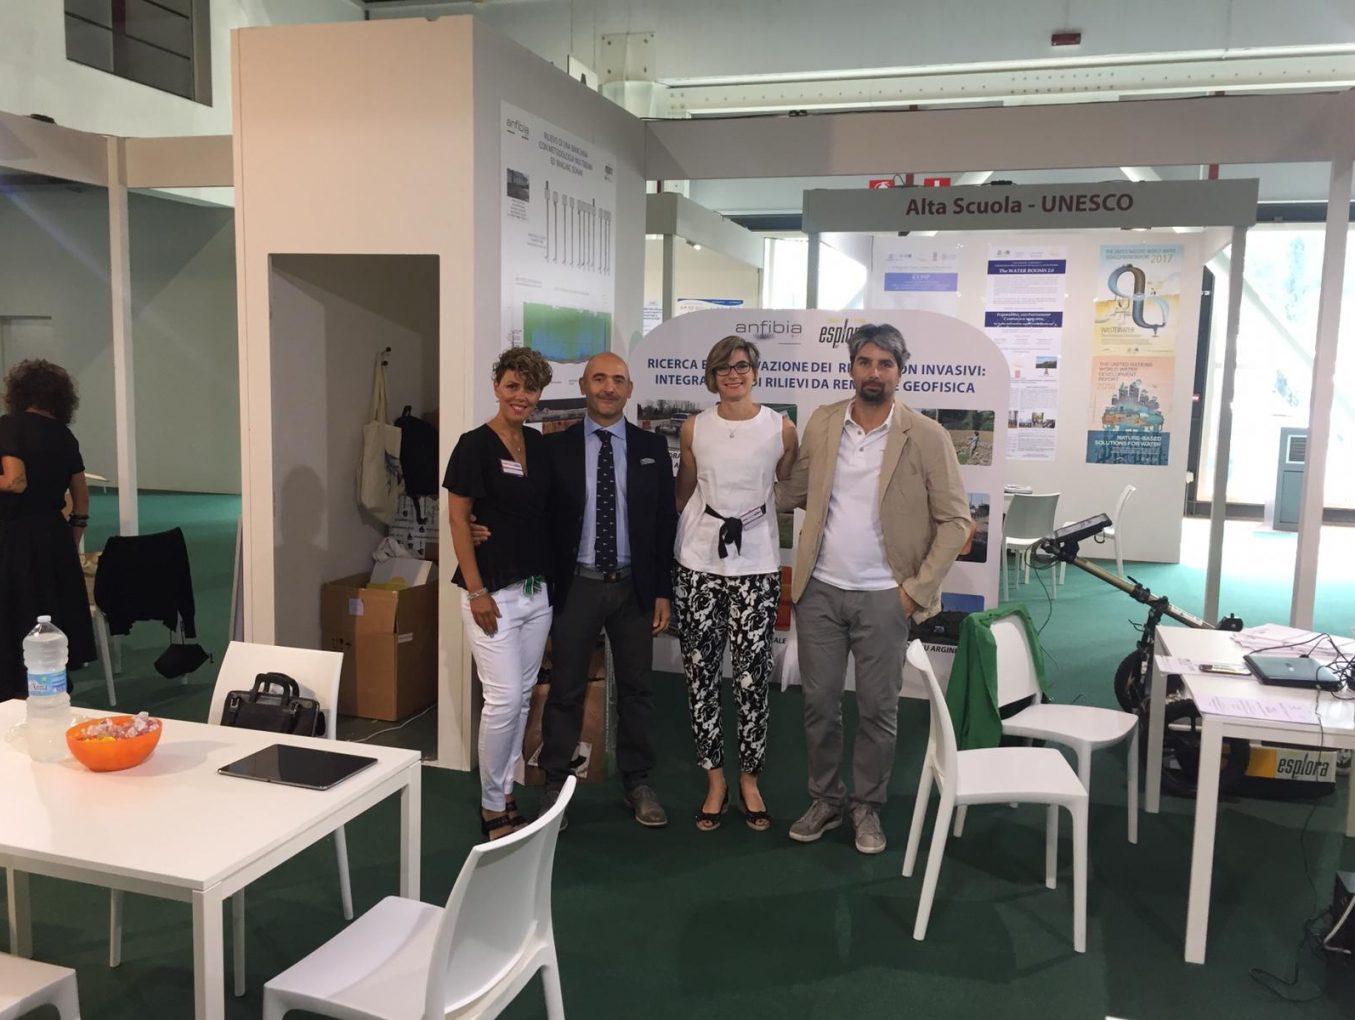 REMTECH & COAST EXPO 2018 - UN APPUNTAMENTO IMPERDIBILE